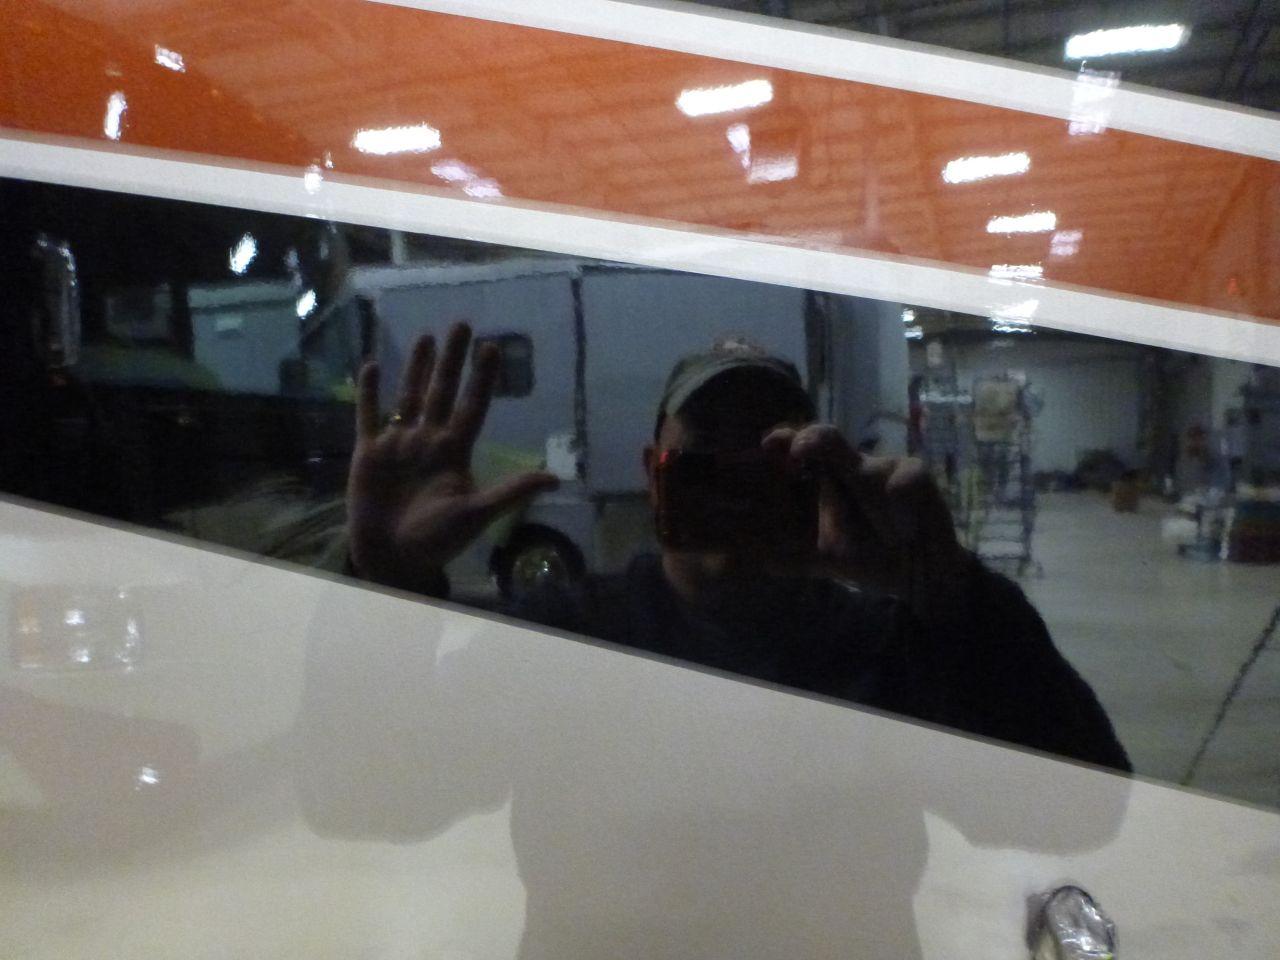 David Enjoying The Glassy Finish